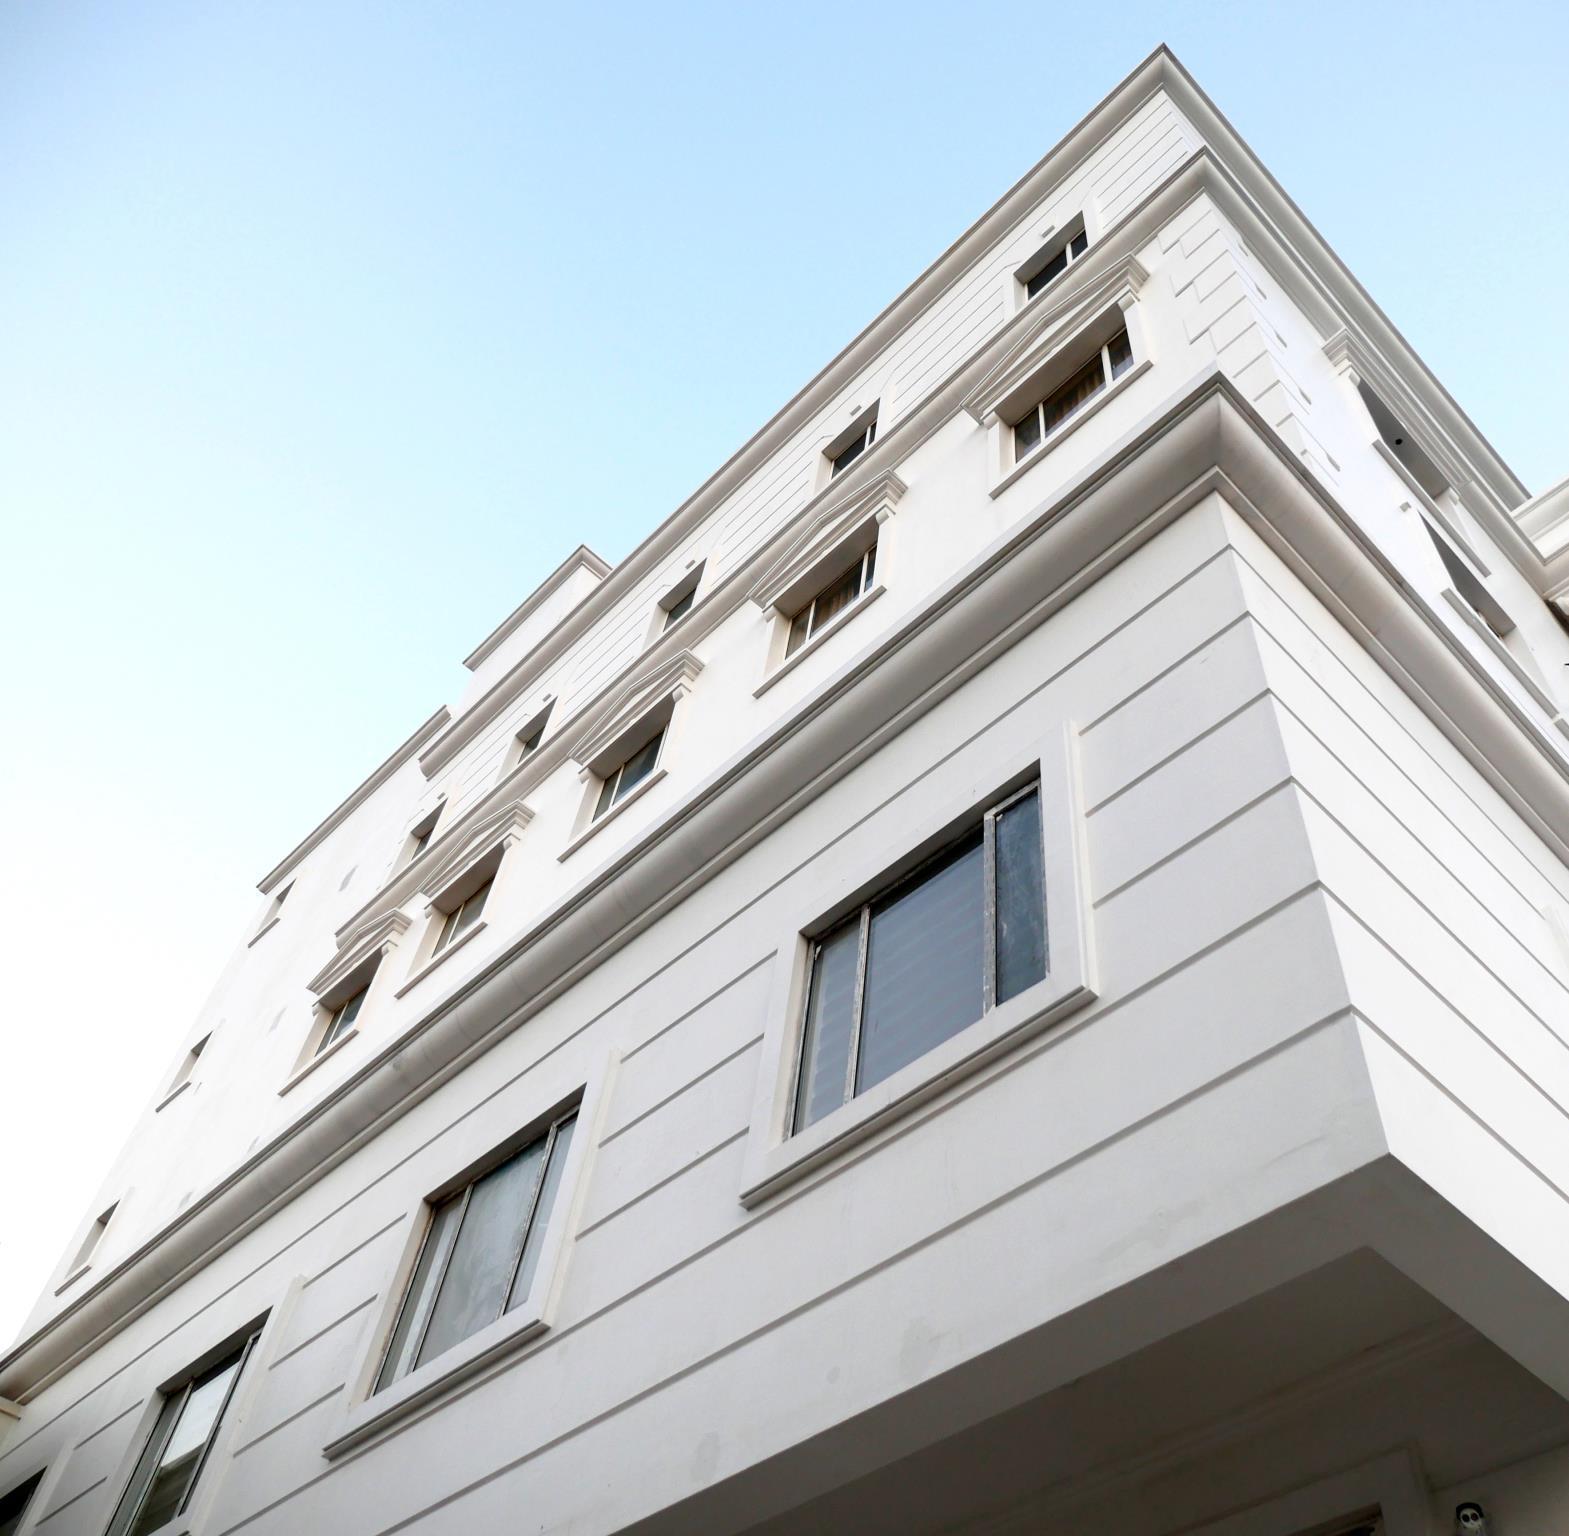 AVS Imperiaa Hotel - Karaikal, Karaikal